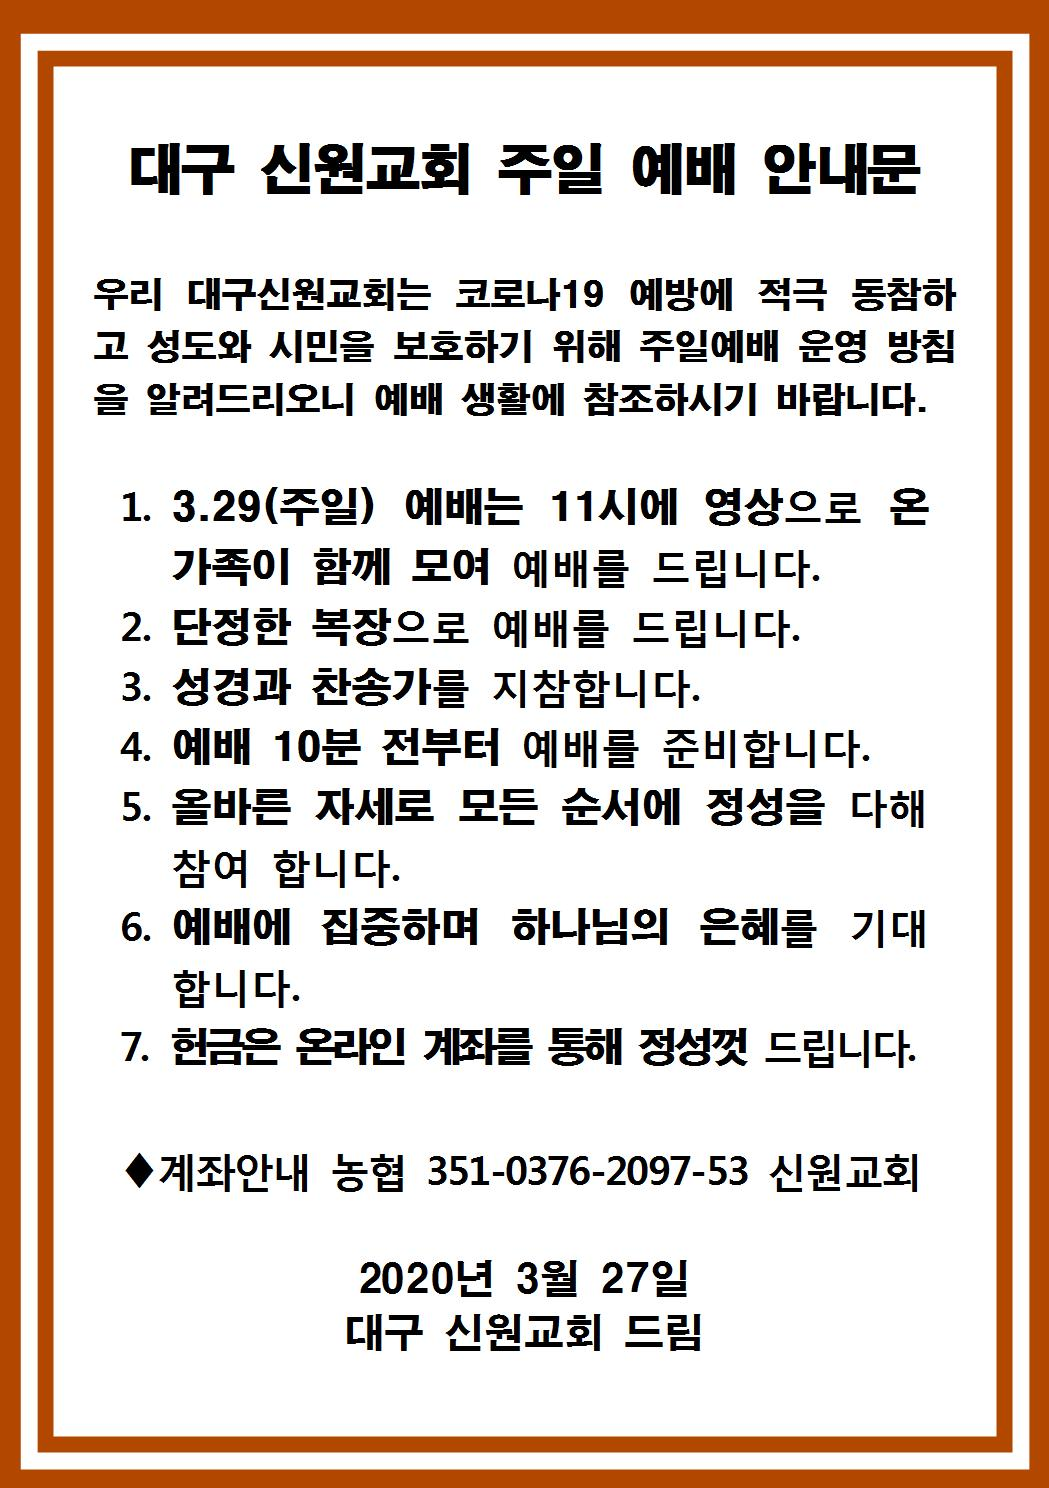 대구신원교회 주일 예배 공지 3.29 예배 공지문001.jpg